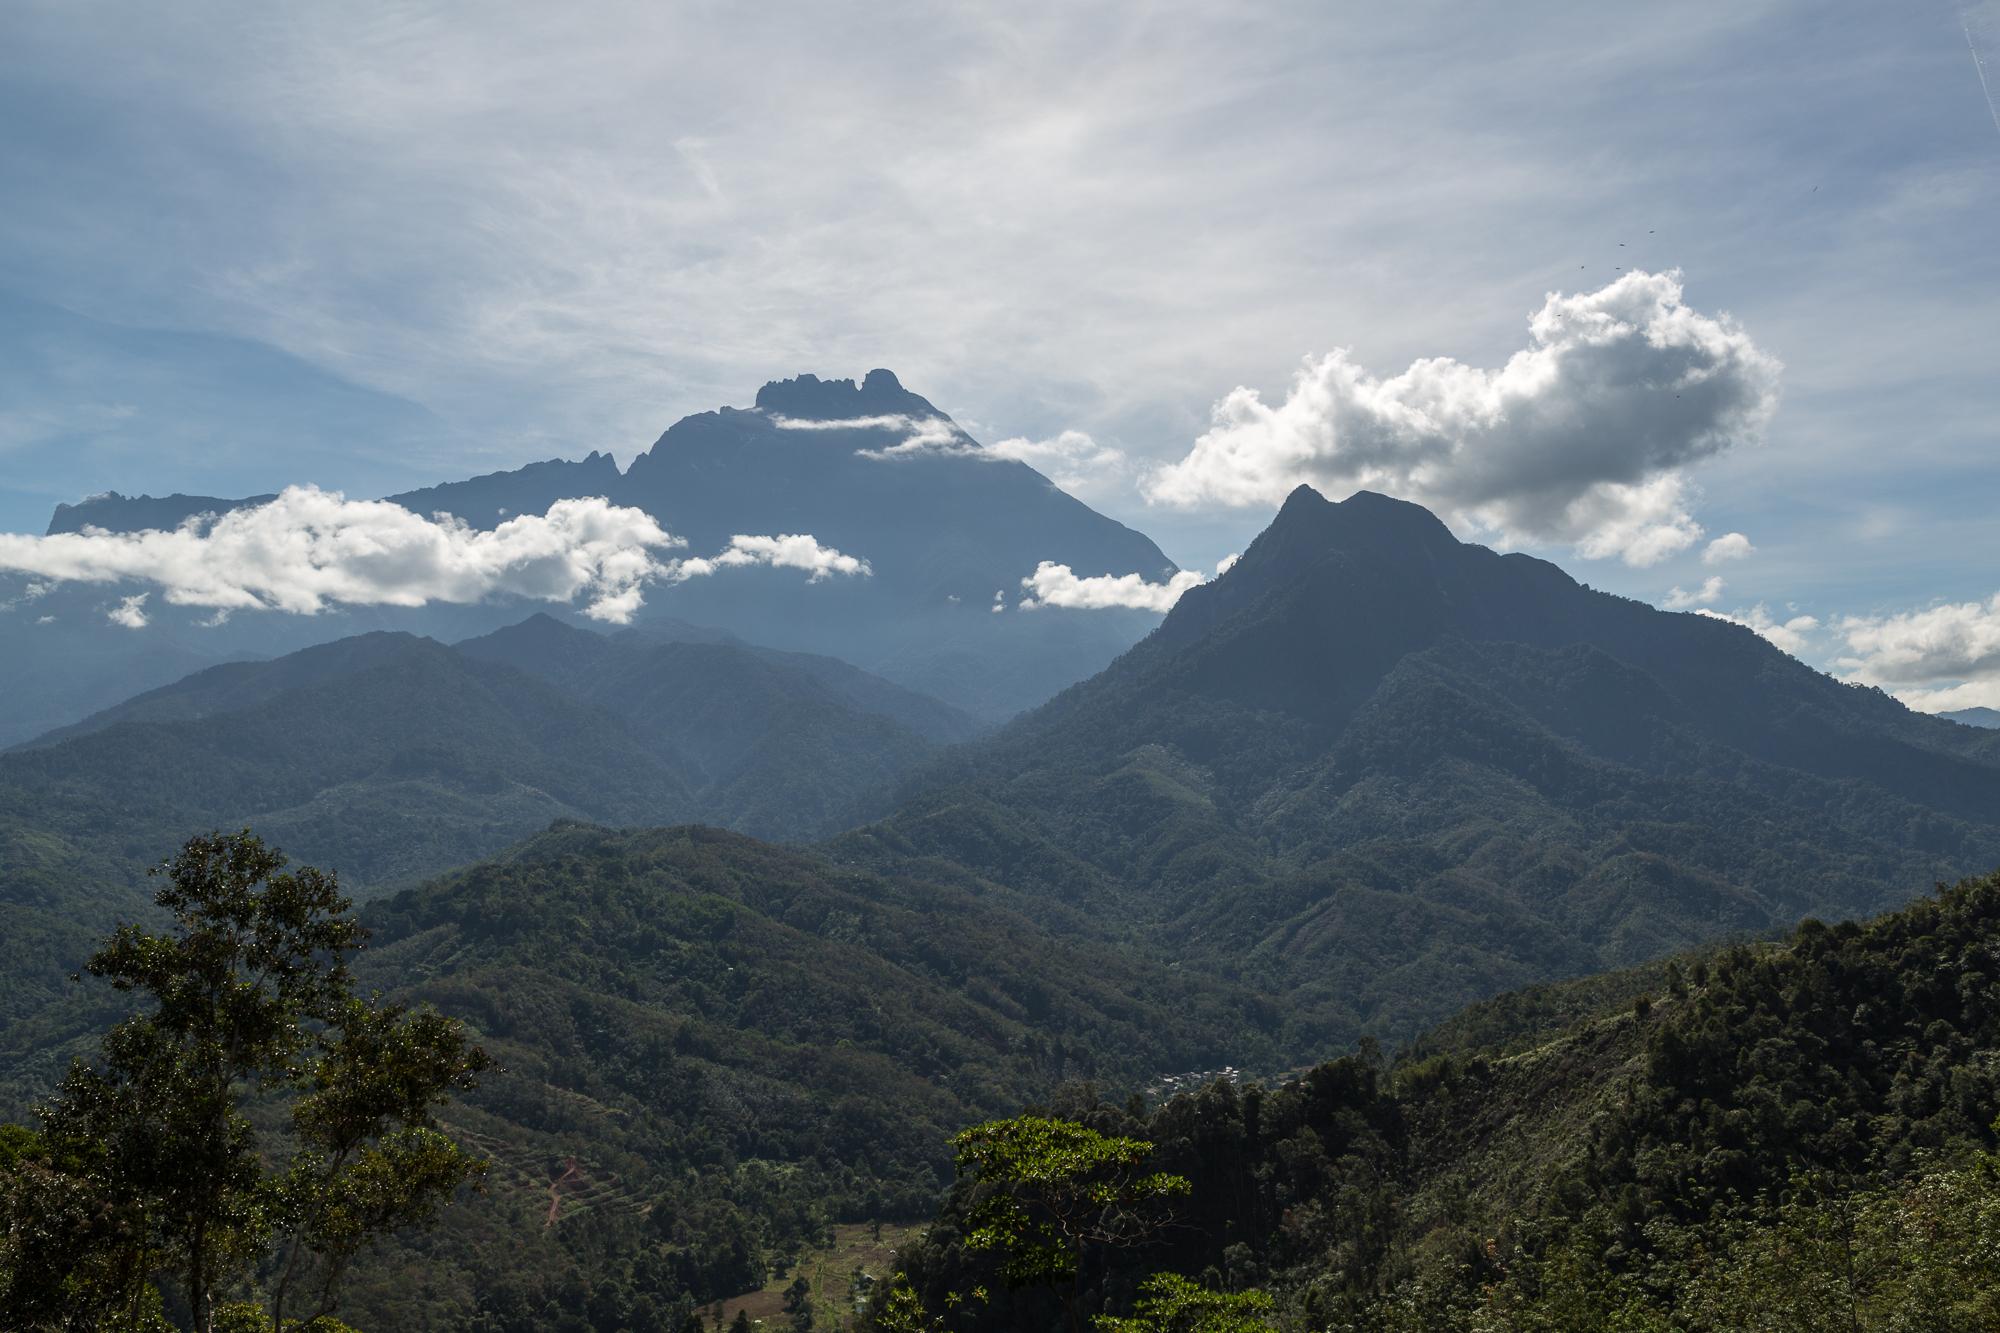 Mount Kinabulu, photo by CEphoto, Uwe Aranas